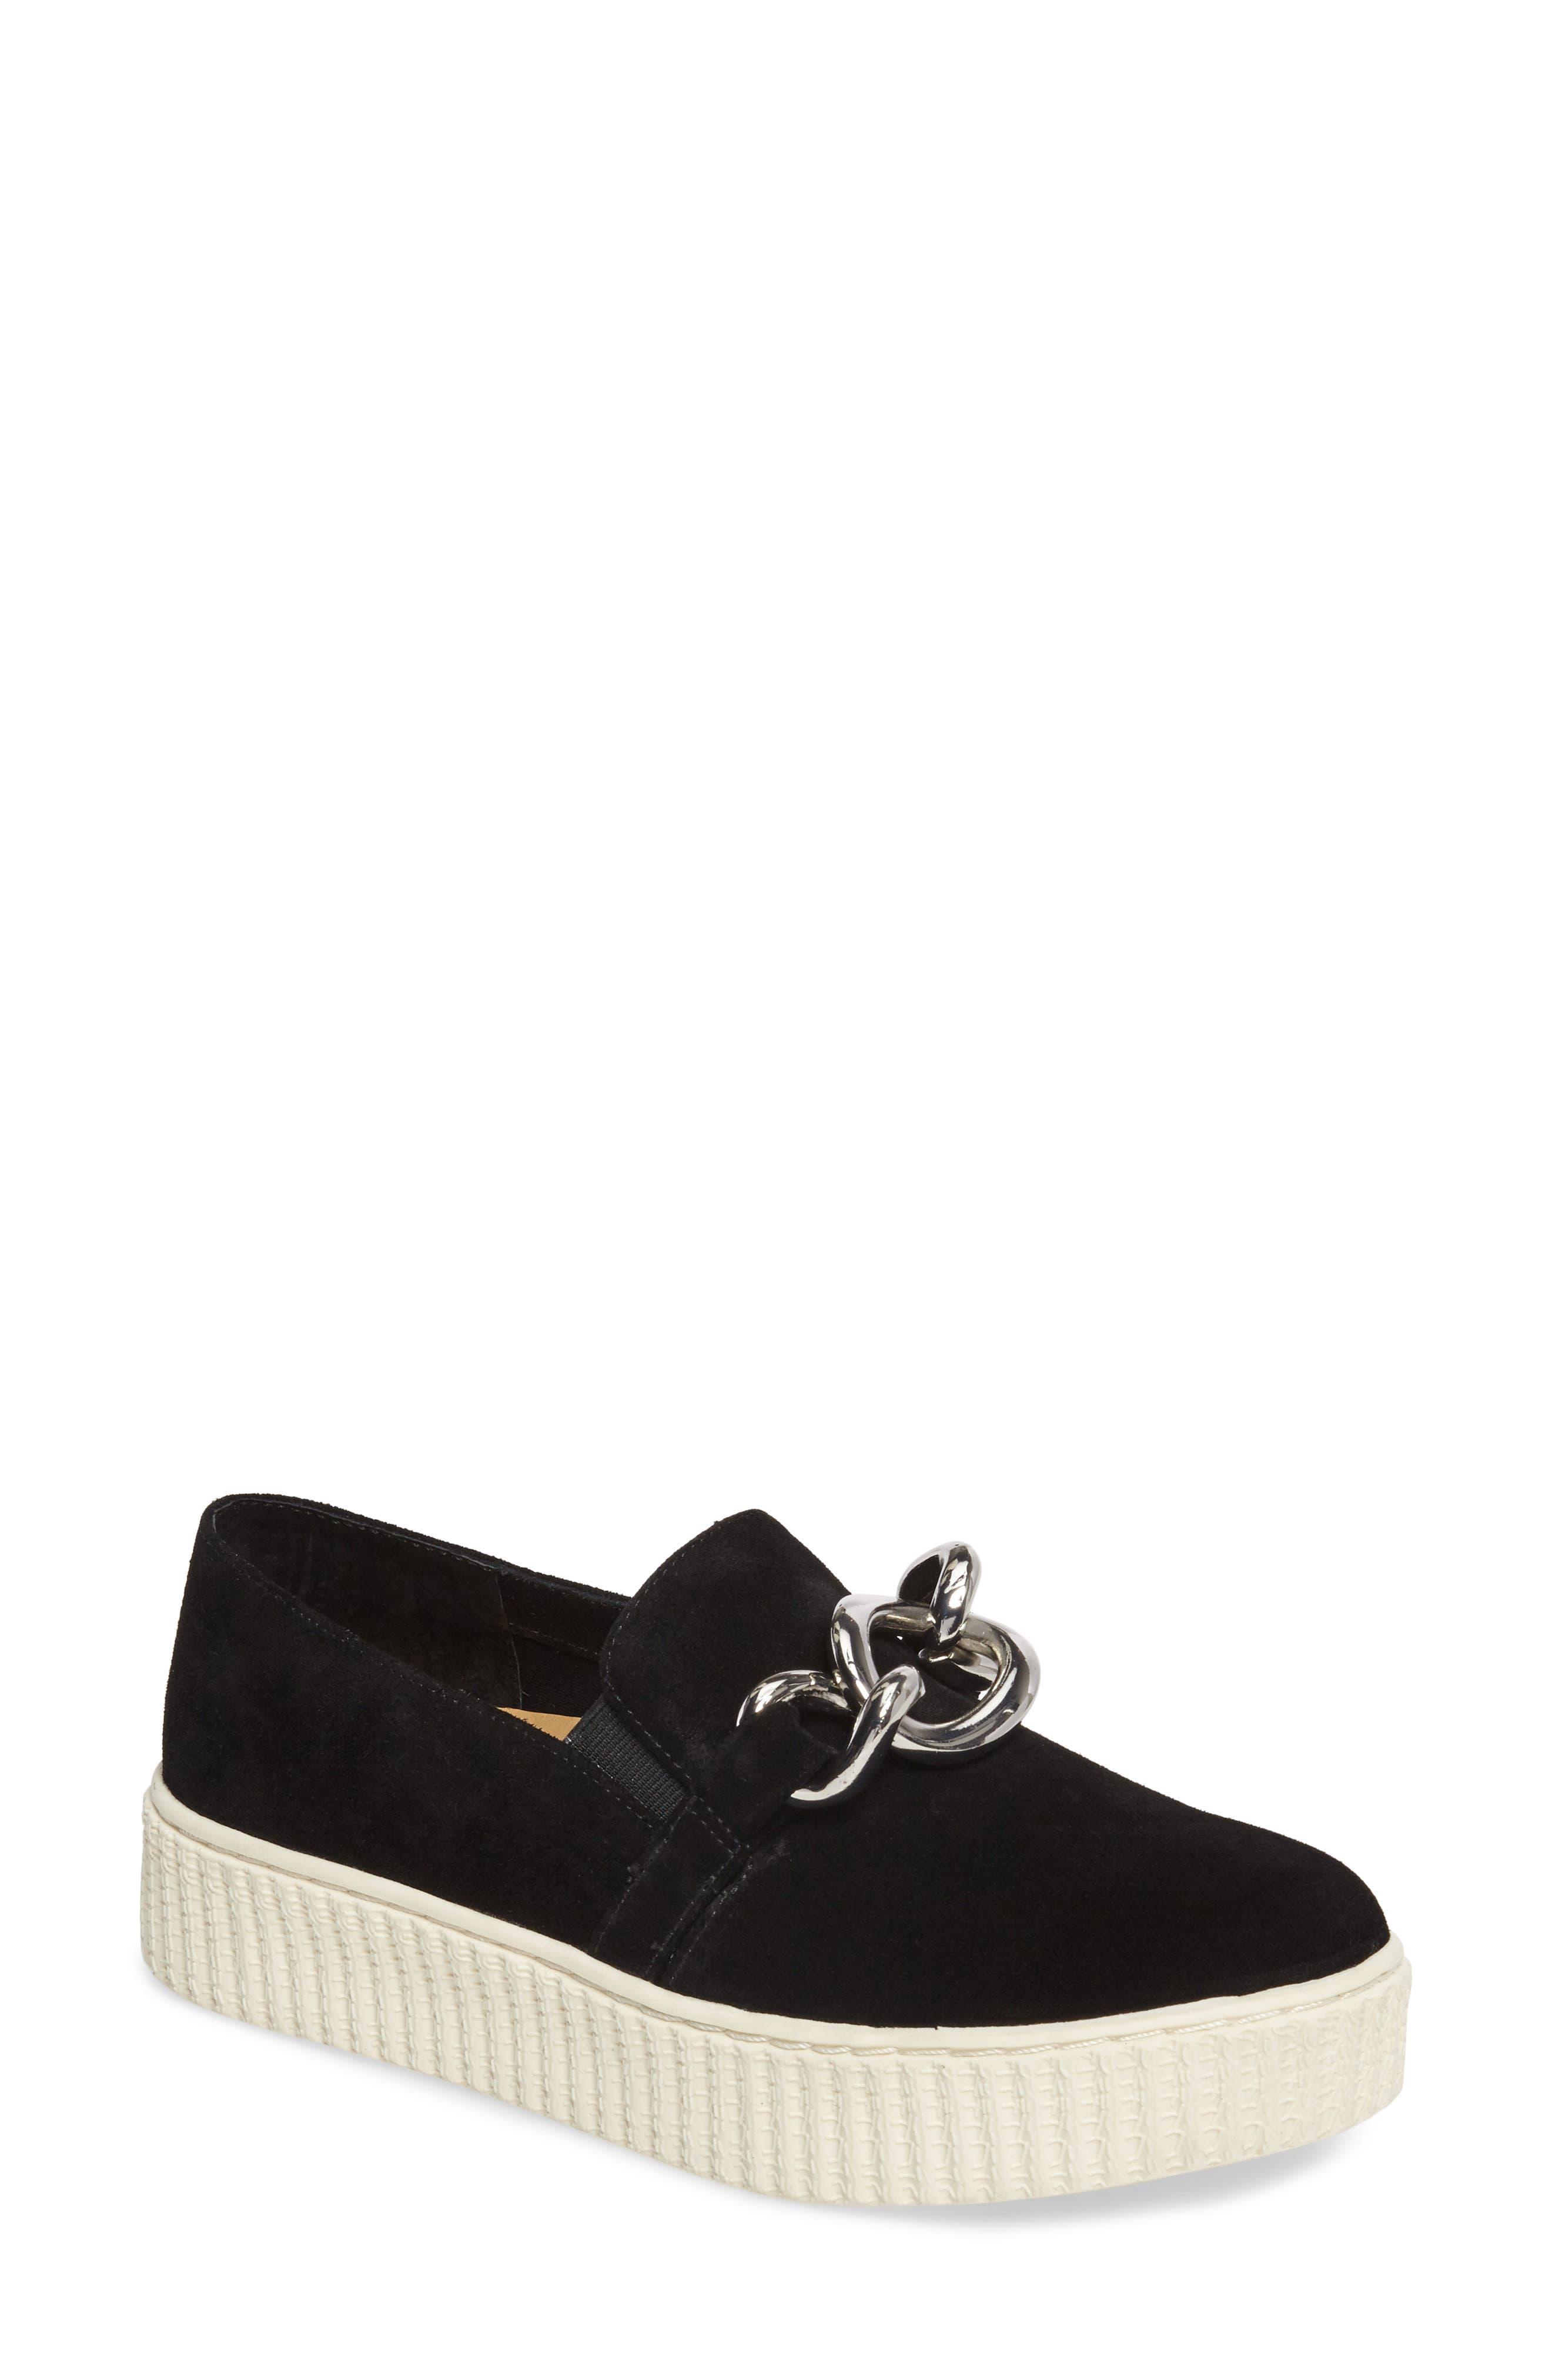 Roberta Platform Sneaker,                             Main thumbnail 1, color,                             Black Suede